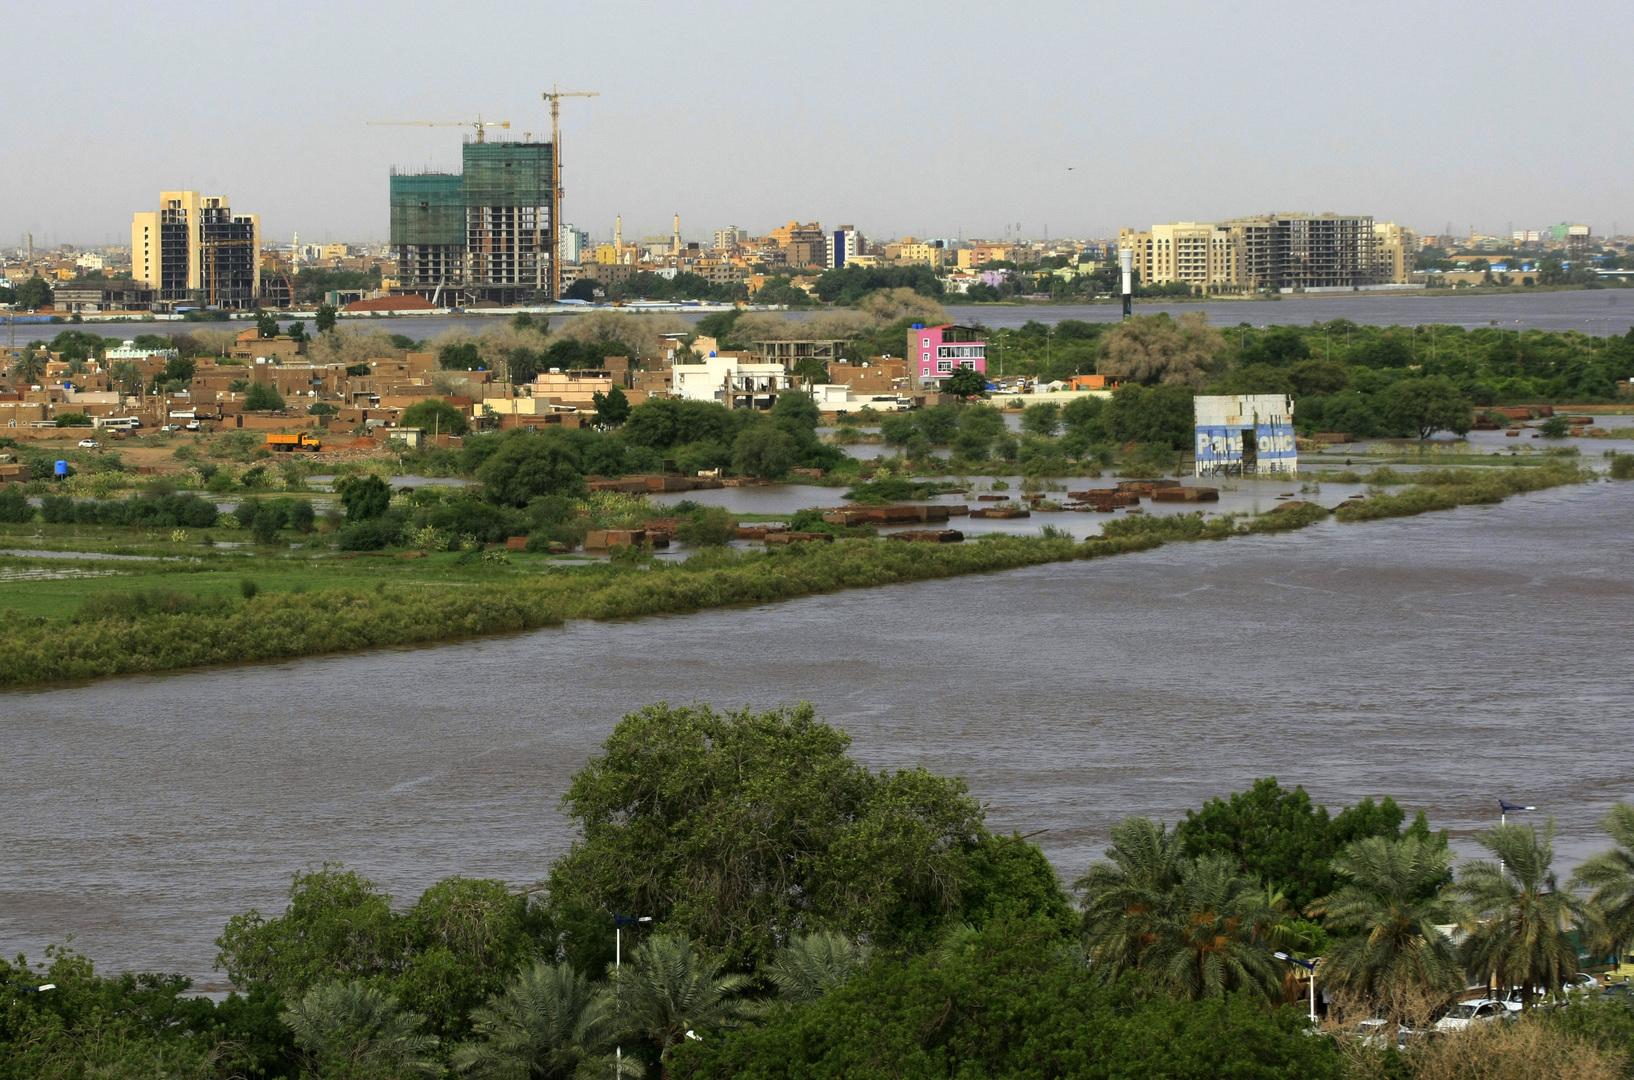 وزارة المالية السودانية تعلن إلغاء سعر الصرف الجمركي